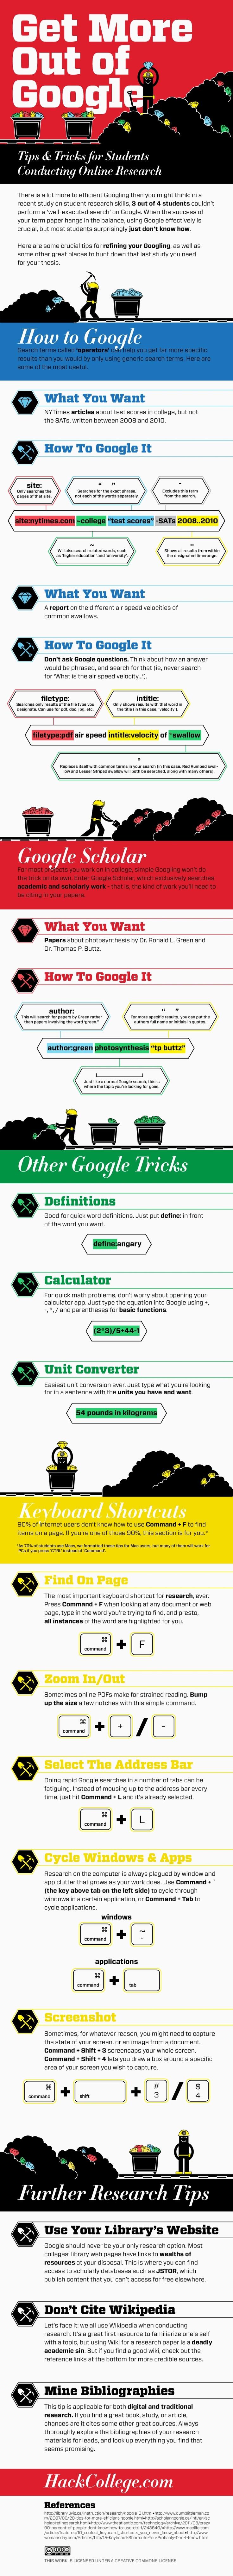 Consejos y trucos para obtener mejores resultados en Google [Infographic] [EN]